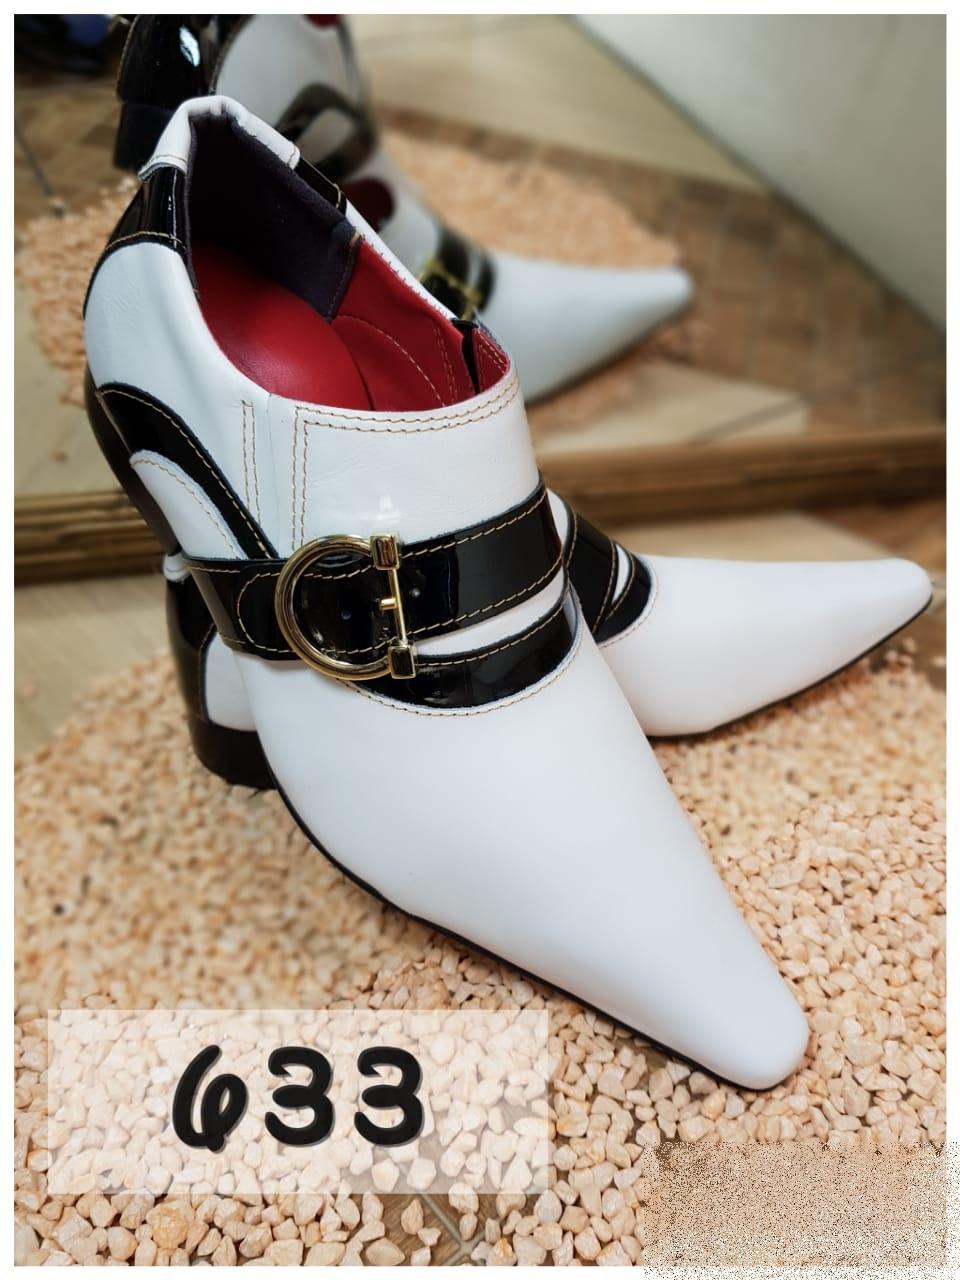 Sapatos social clássico em preto e branco com bico fino